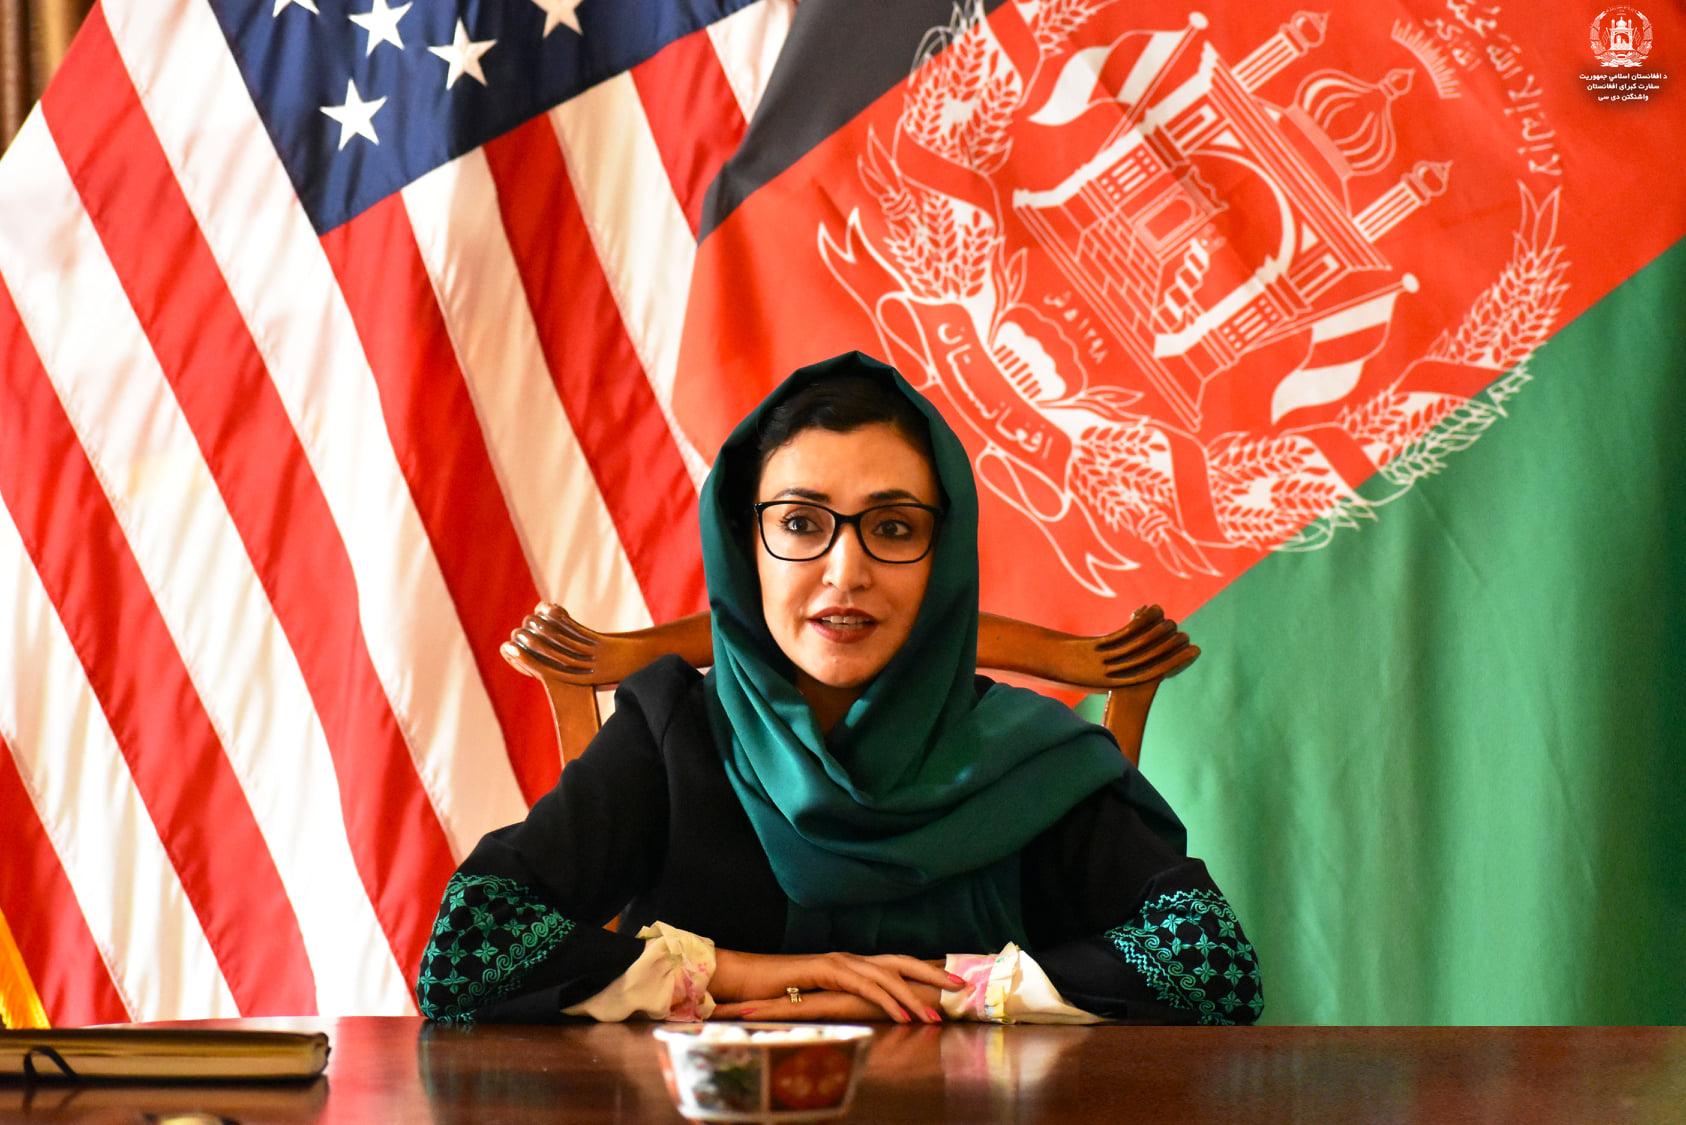 آغاز کار عادله راز به عنوان سفیرجدید افغانستان در آمریکا